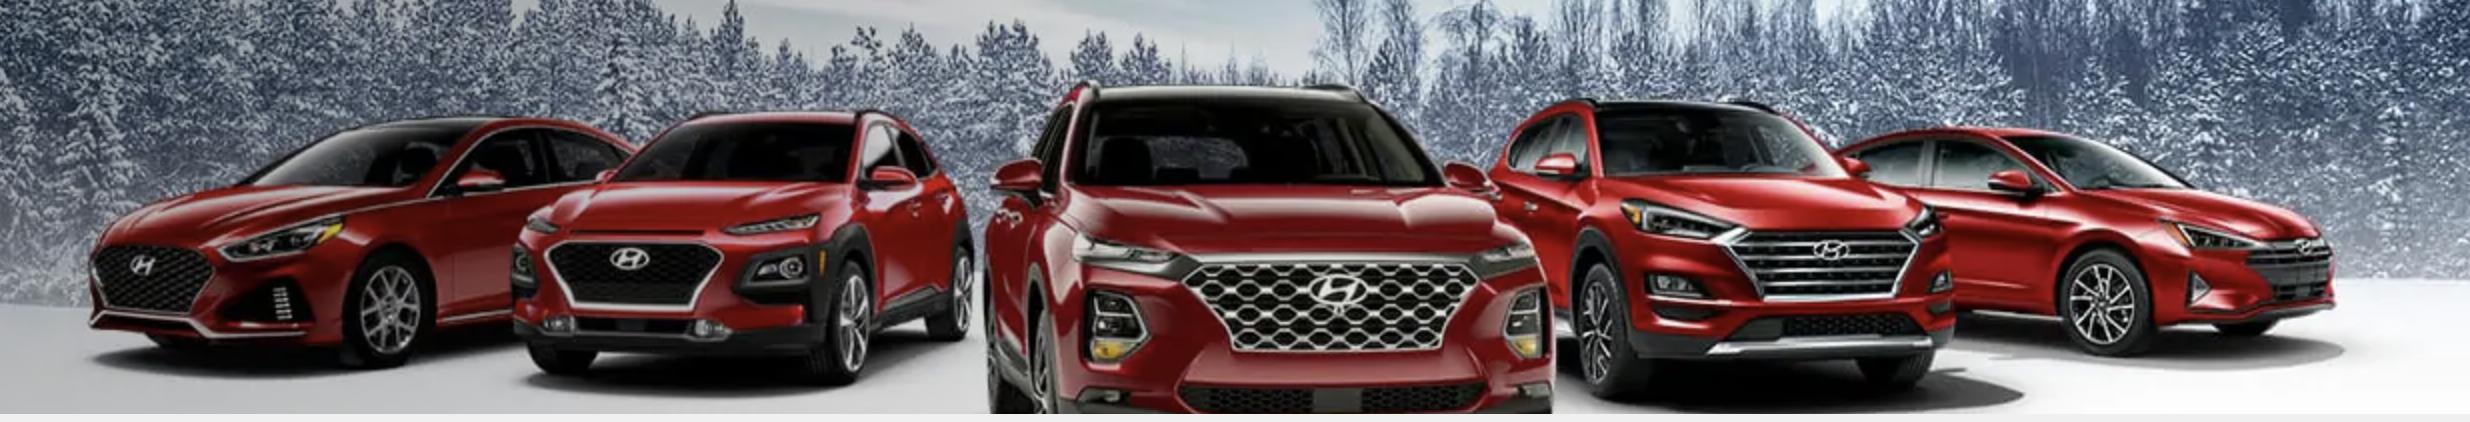 Raleigh Hyundai